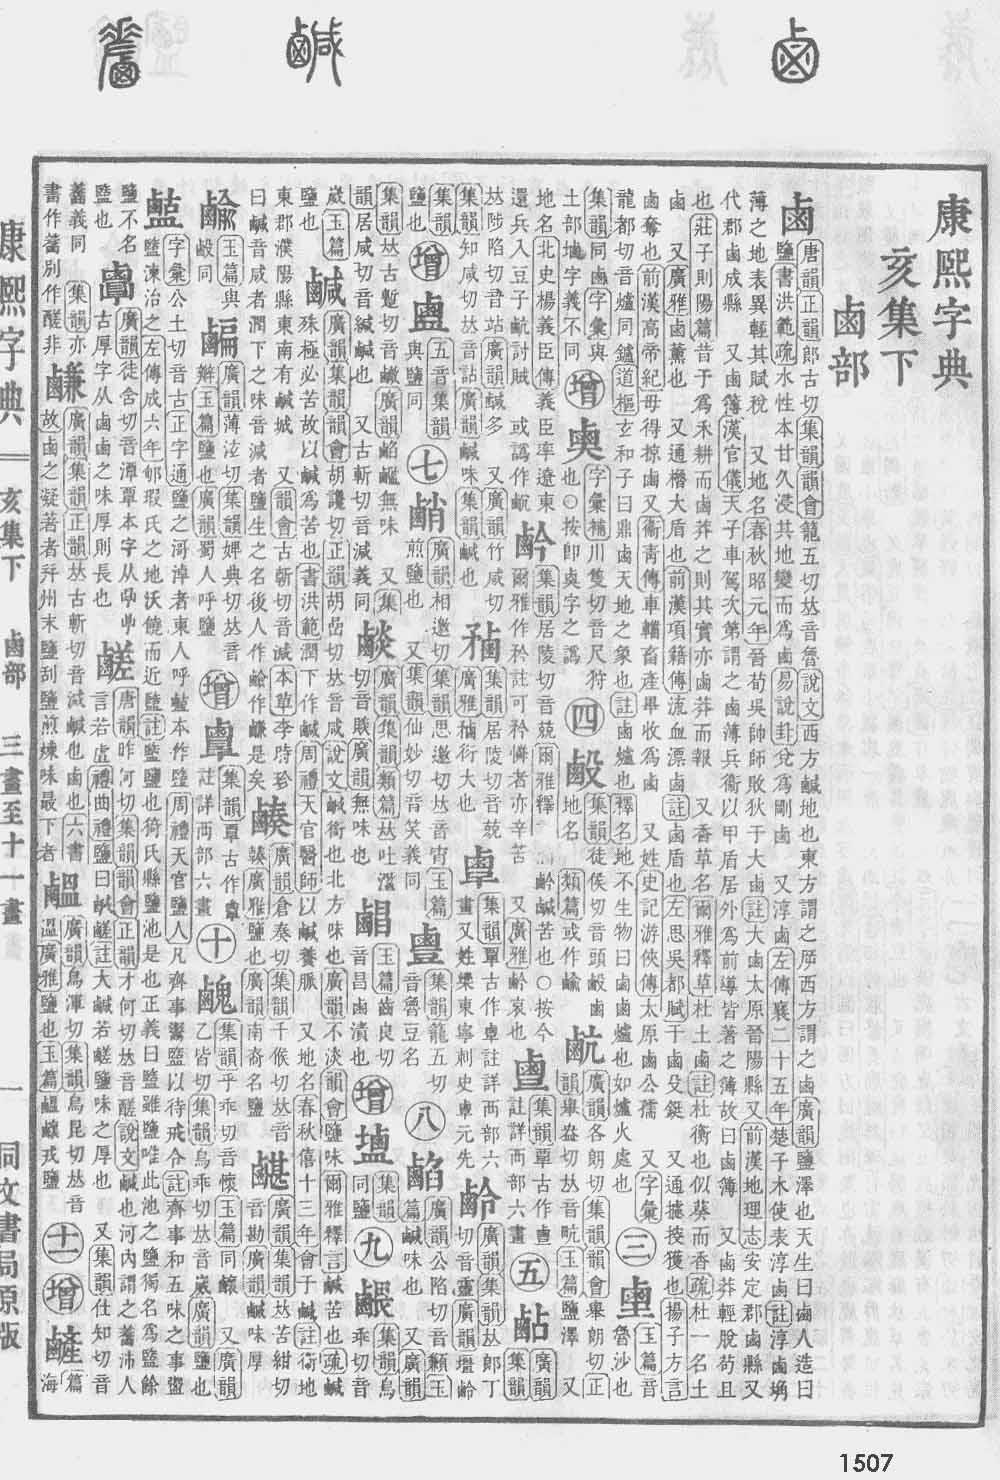 《康熙字典》第1507页